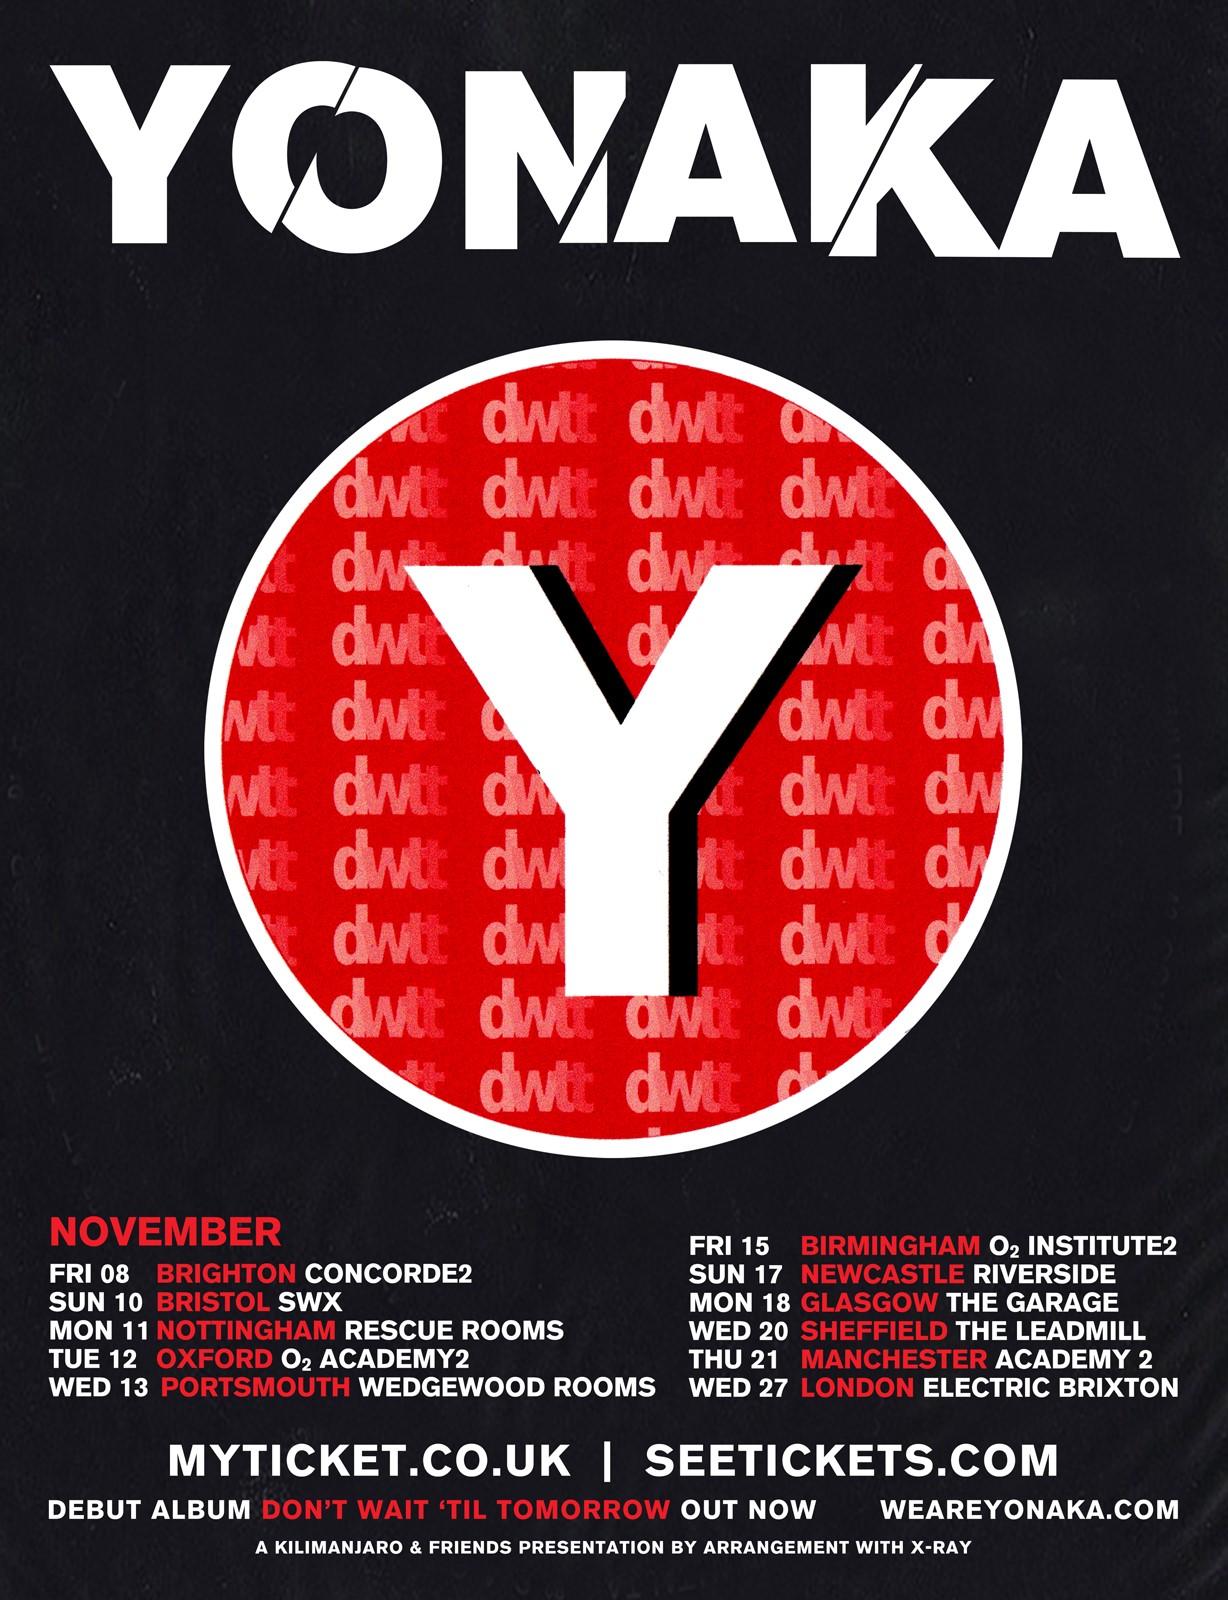 YONAKA - Nov 2019 UK tour